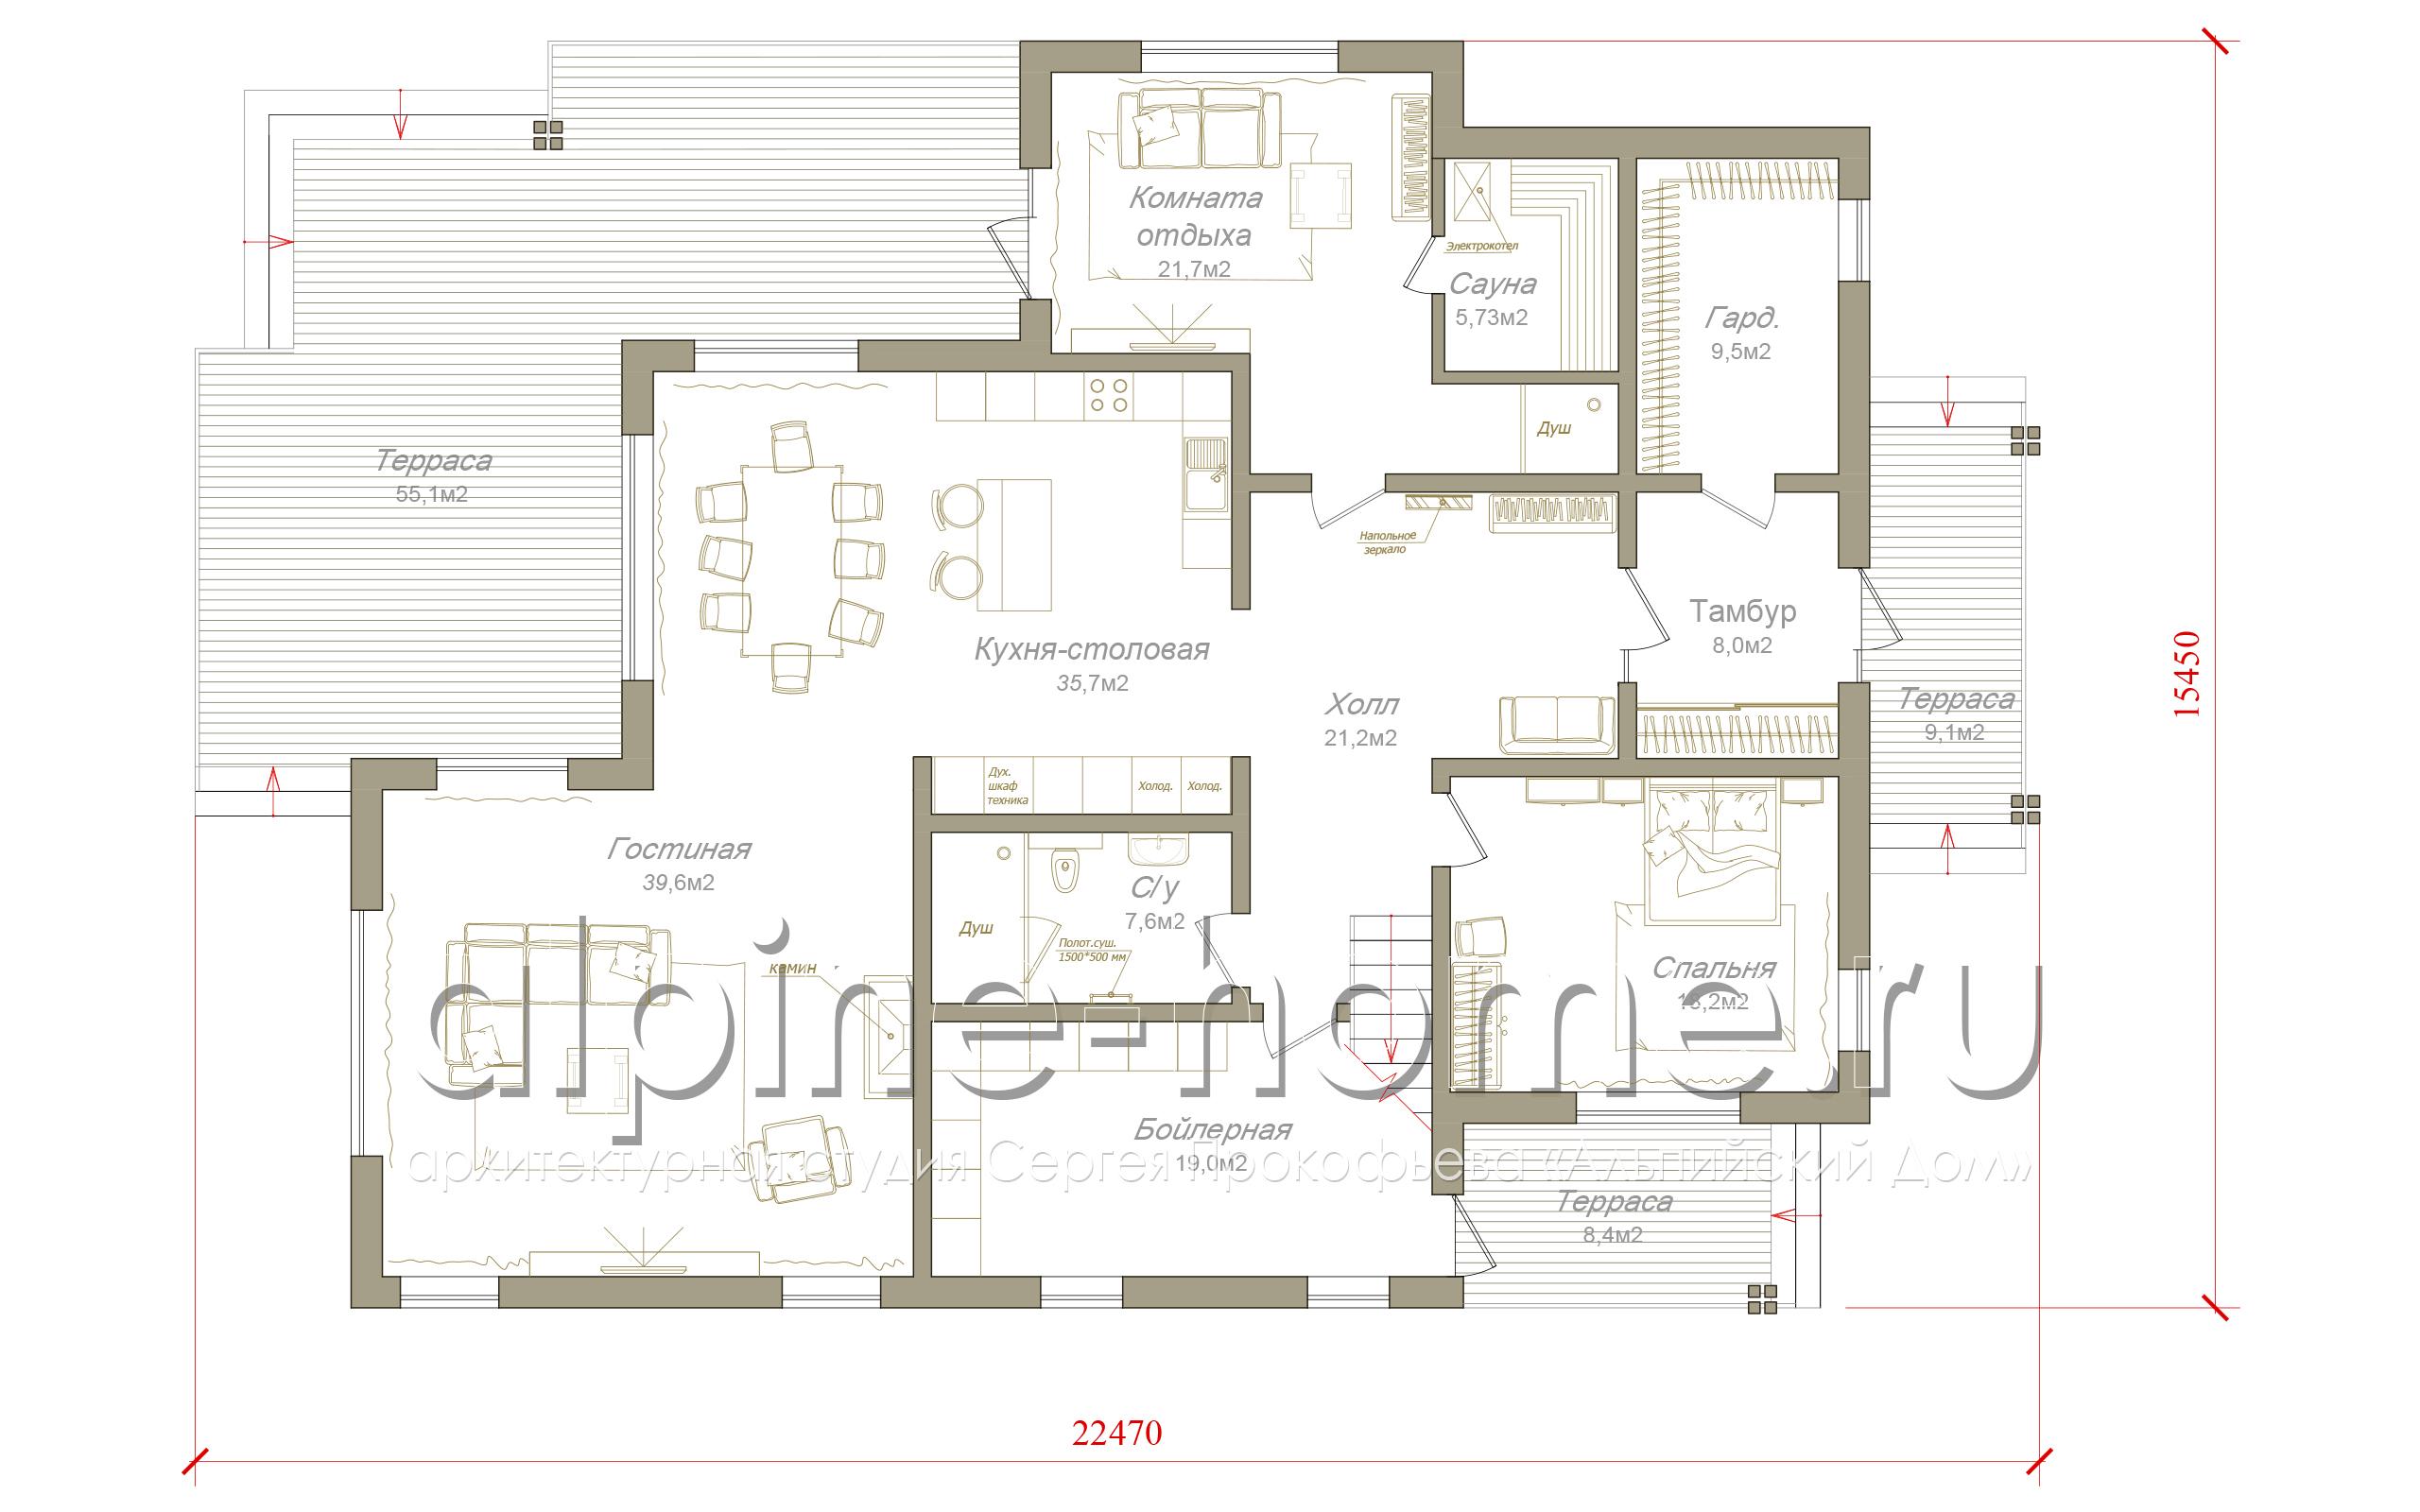 Истра 2 план 1-го этажа